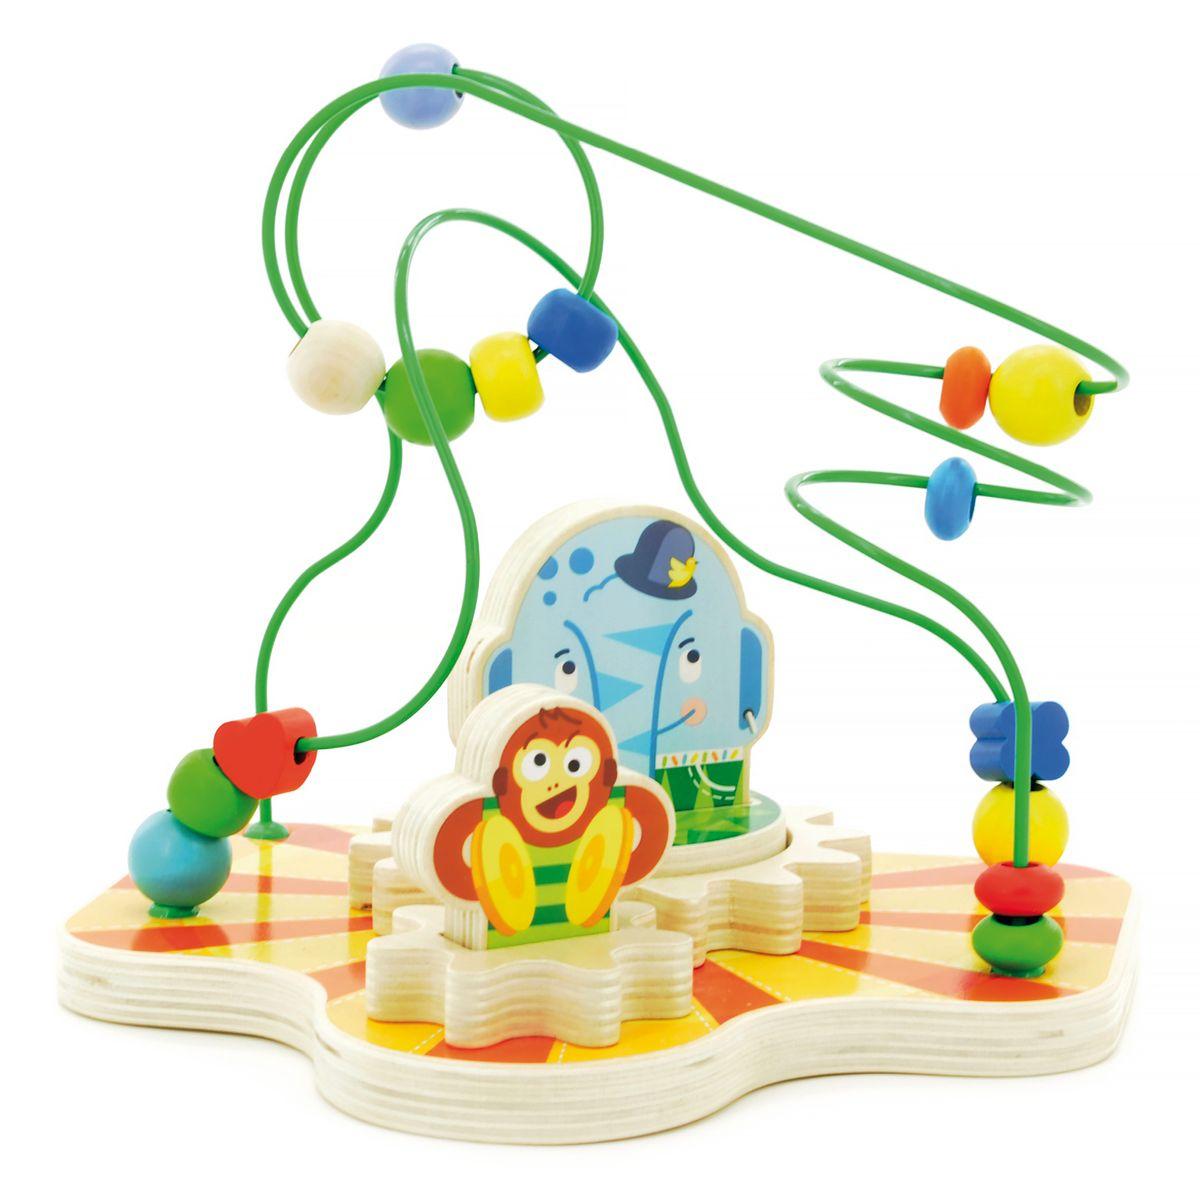 Мир деревянных игрушек Сортер-лабиринт ЦиркД381Лабиринт привлечет внимание ребенка яркими цветами и необычной формой. Игрушка представляет собой лабиринт с дорожками, на которые нанизаны разноцветные бусинки разной формы. Игра способствует развитию логики, воображения, пространственного мышления, развивает координацию, внимание и учит различать цвета и формы.